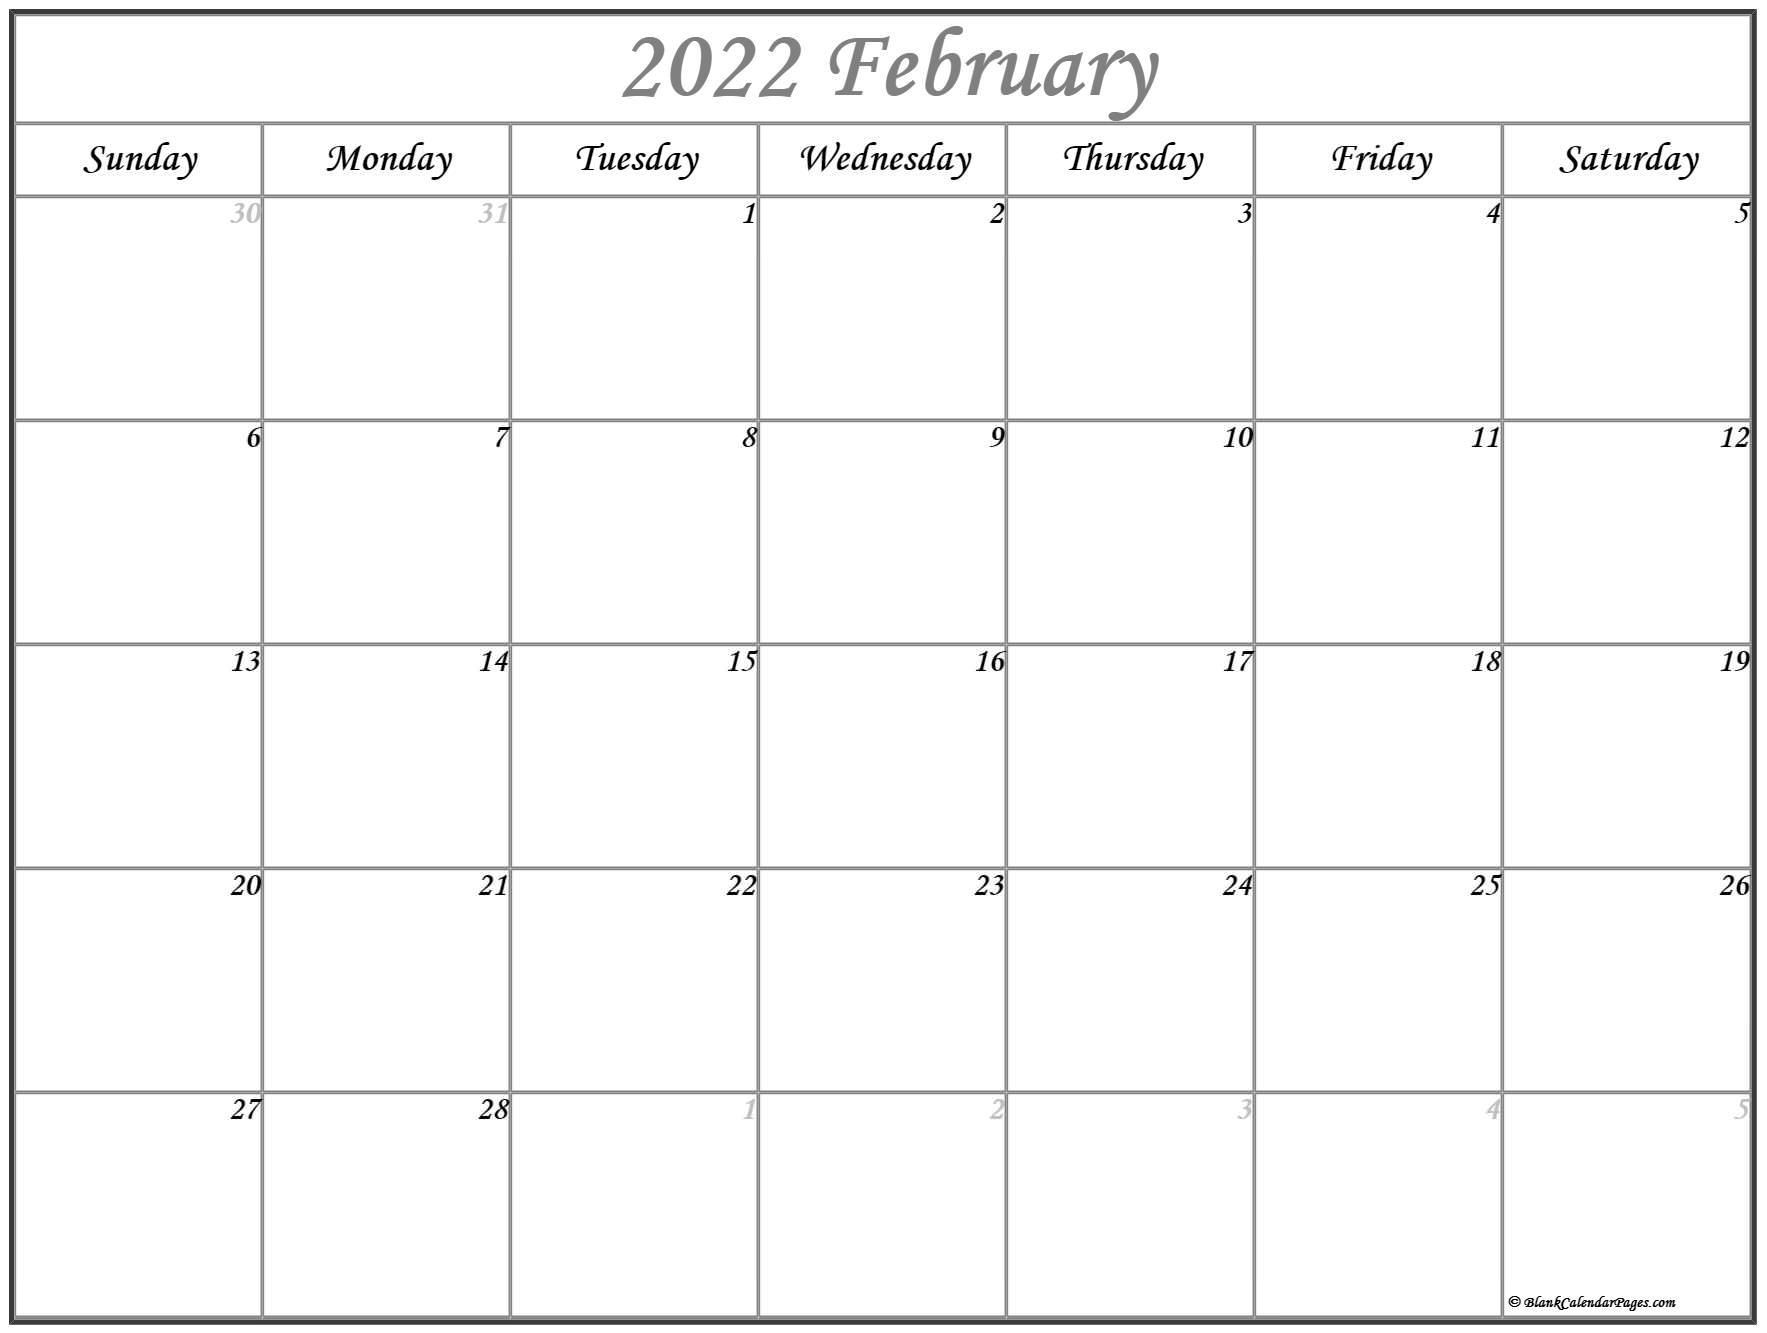 February 2022 Calendar   Free Printable Calendar Templates Within Free Printable Calendar For February 2022